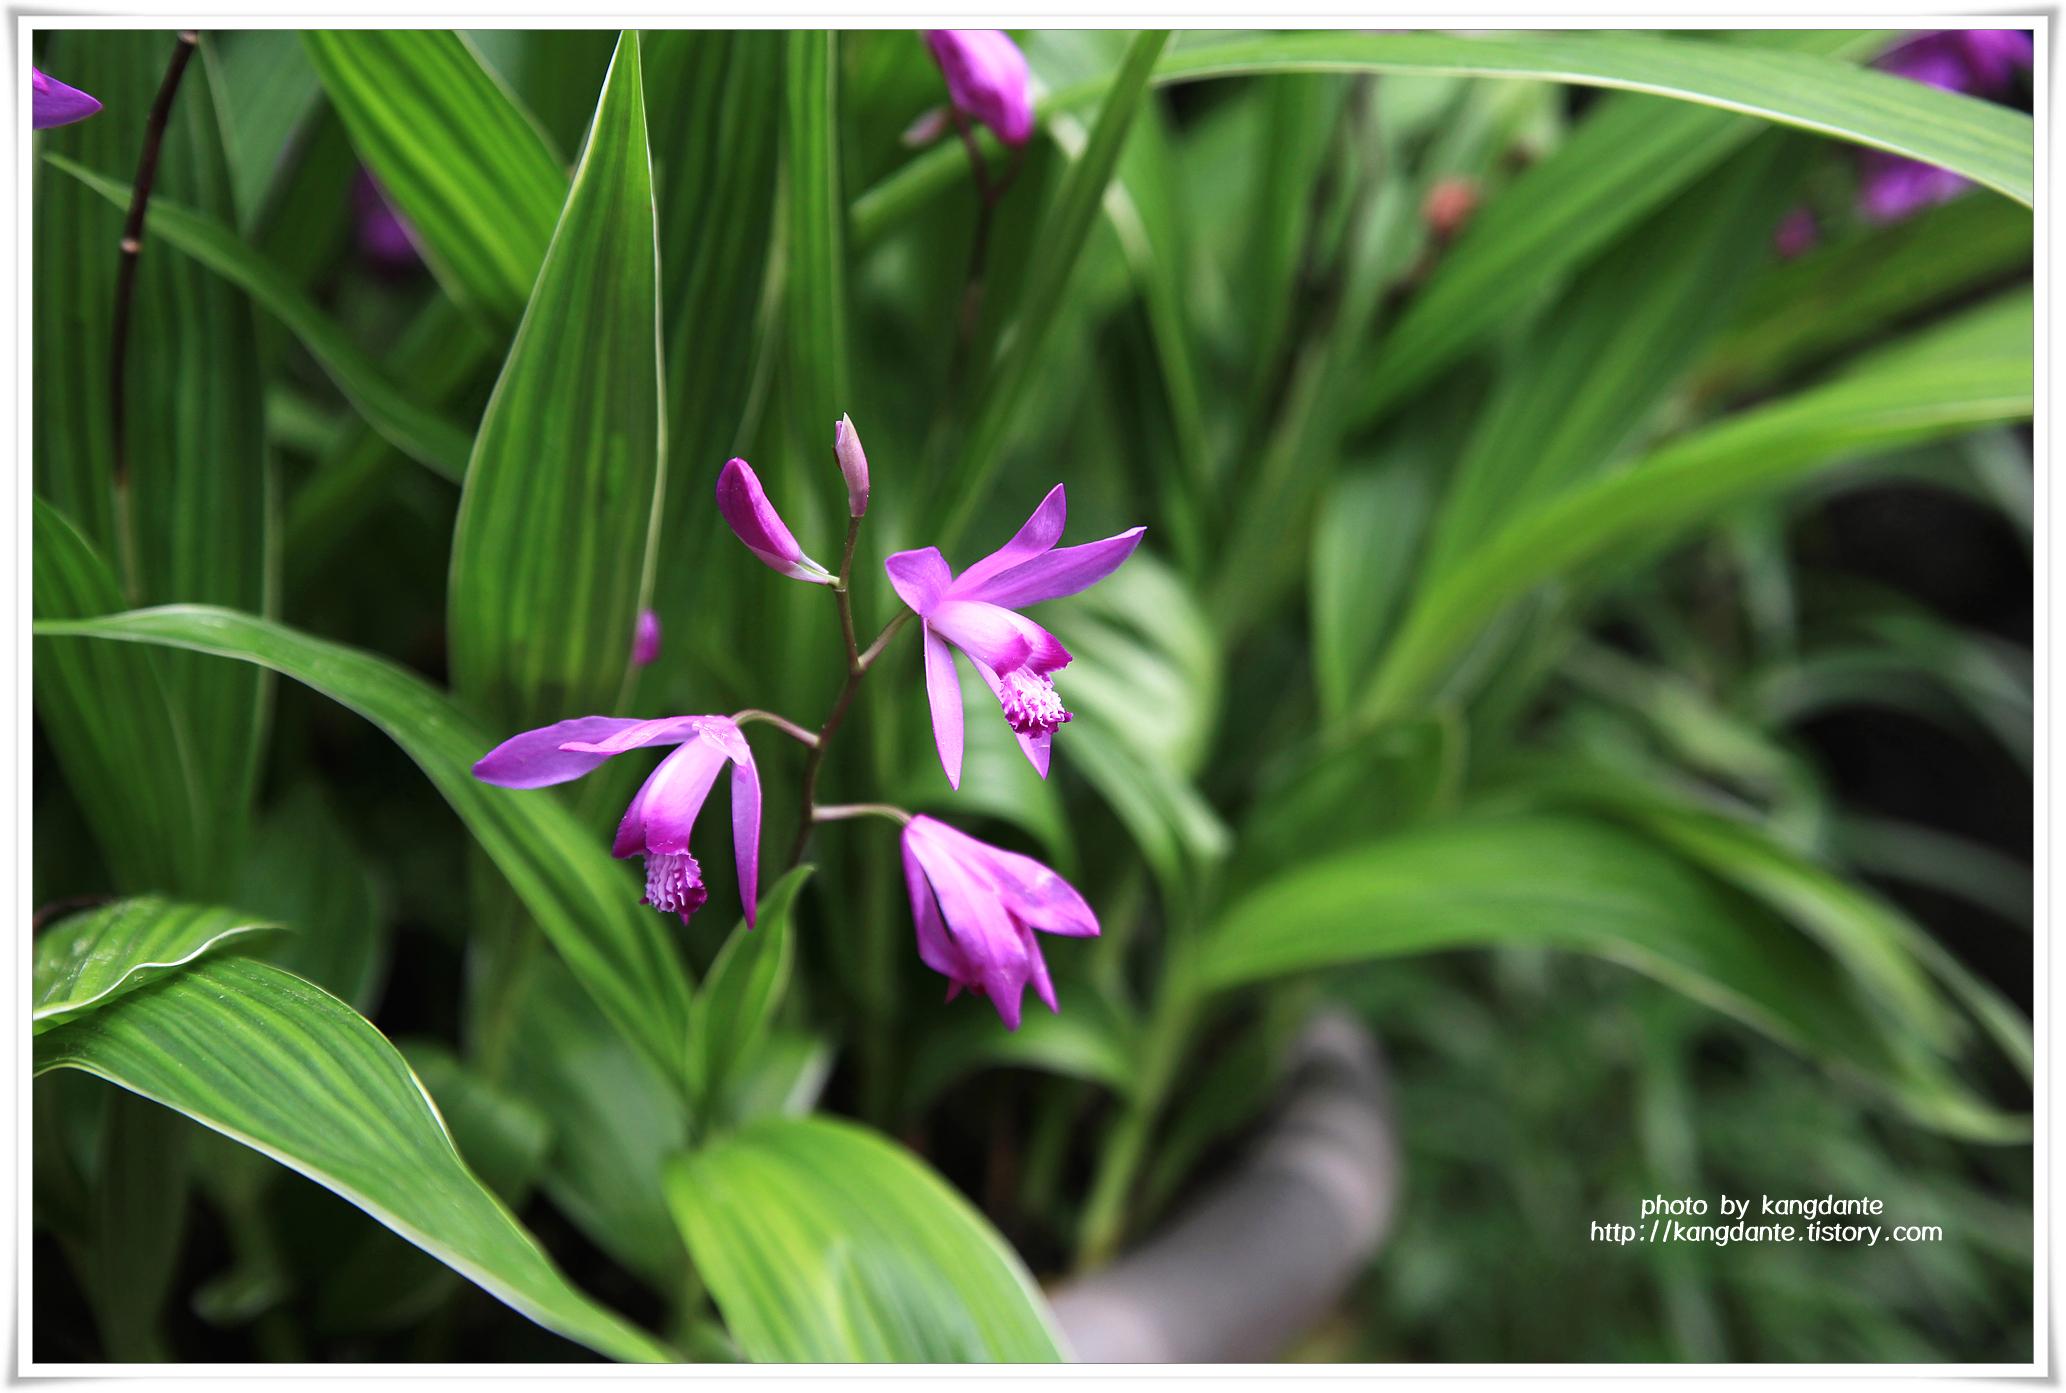 우리꽃식물원의 자란(紫蘭)과 아주가(Ajuga)